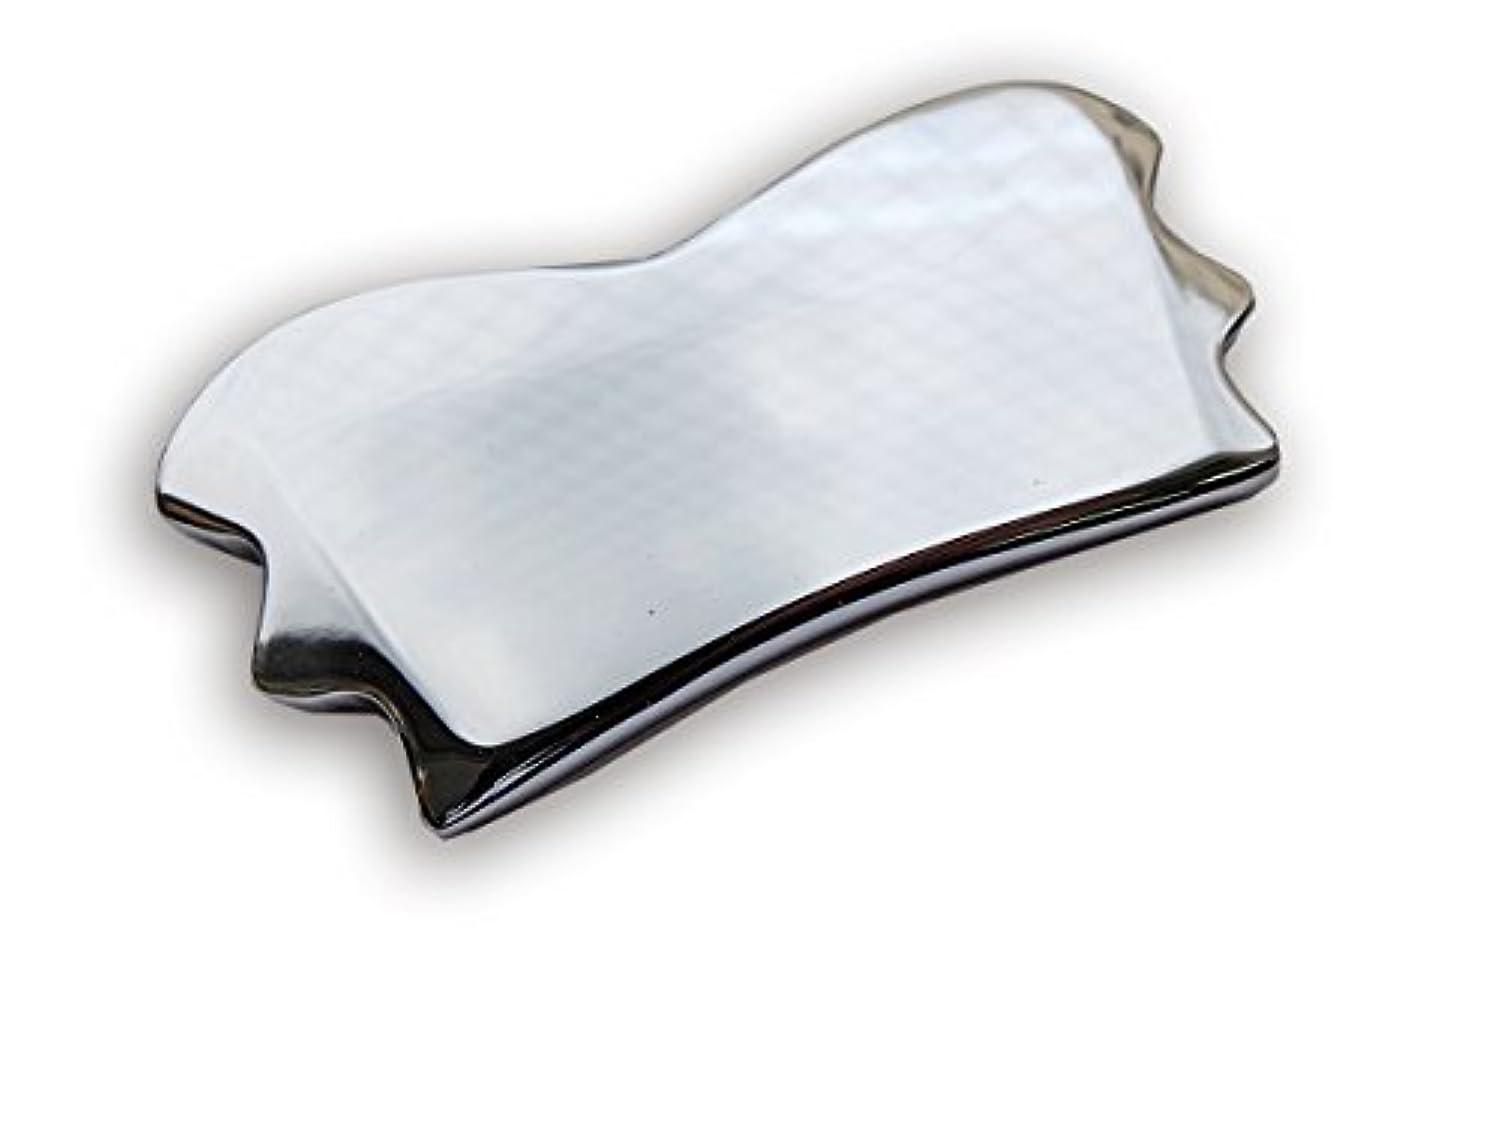 配管工ぴかぴか未払いNatural Pure ドクターノバリア テラヘルツ かっさ お試用テラヘルツ鉱石約40~50g付 蝶型 本物の証 鑑定書付で返品可能